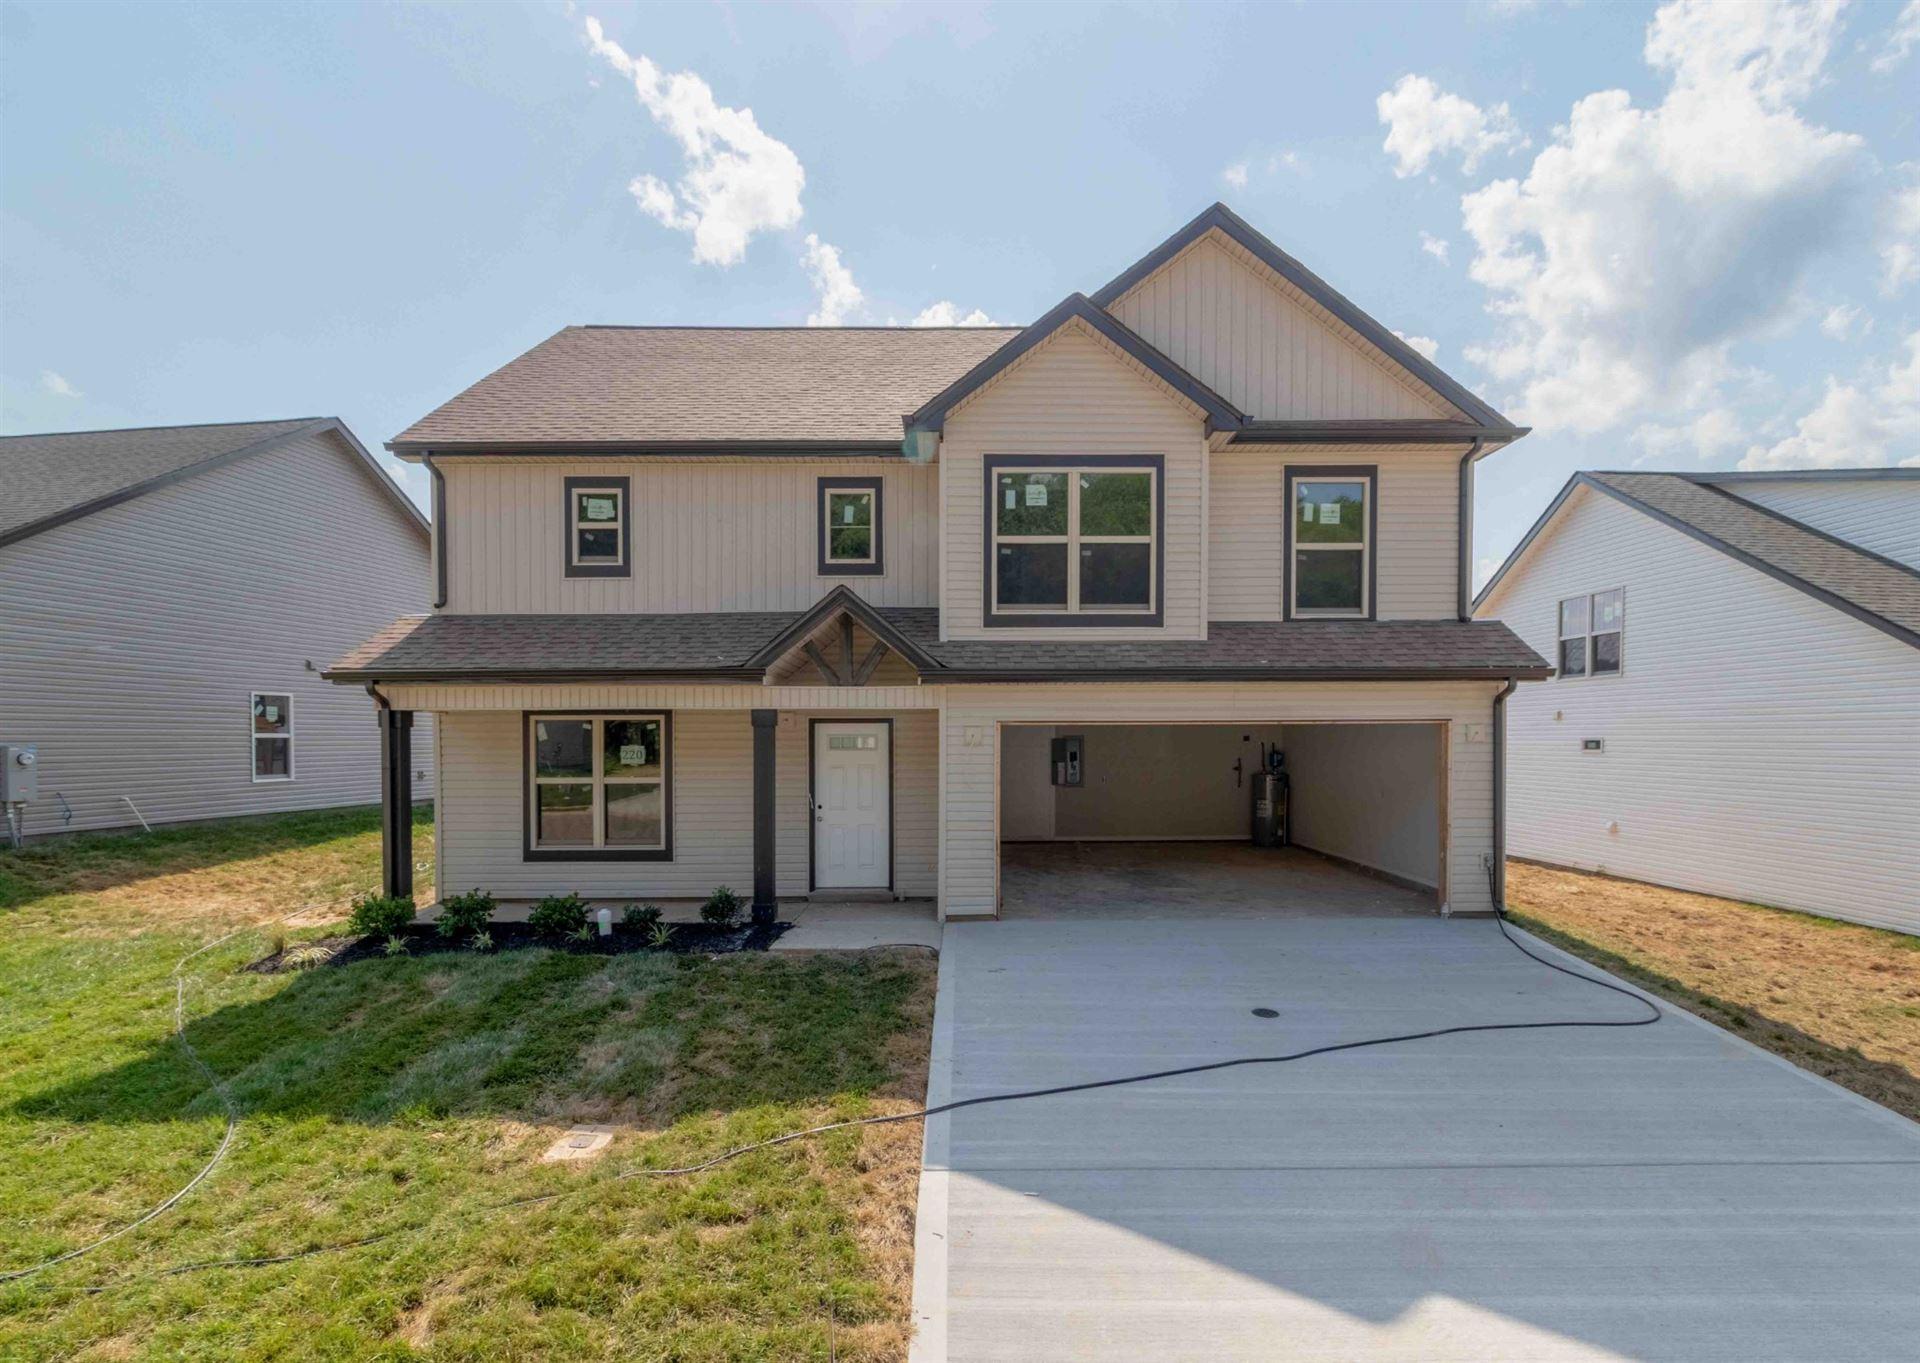 220 Chalet Hills, Clarksville, TN 37040 - MLS#: 2257068